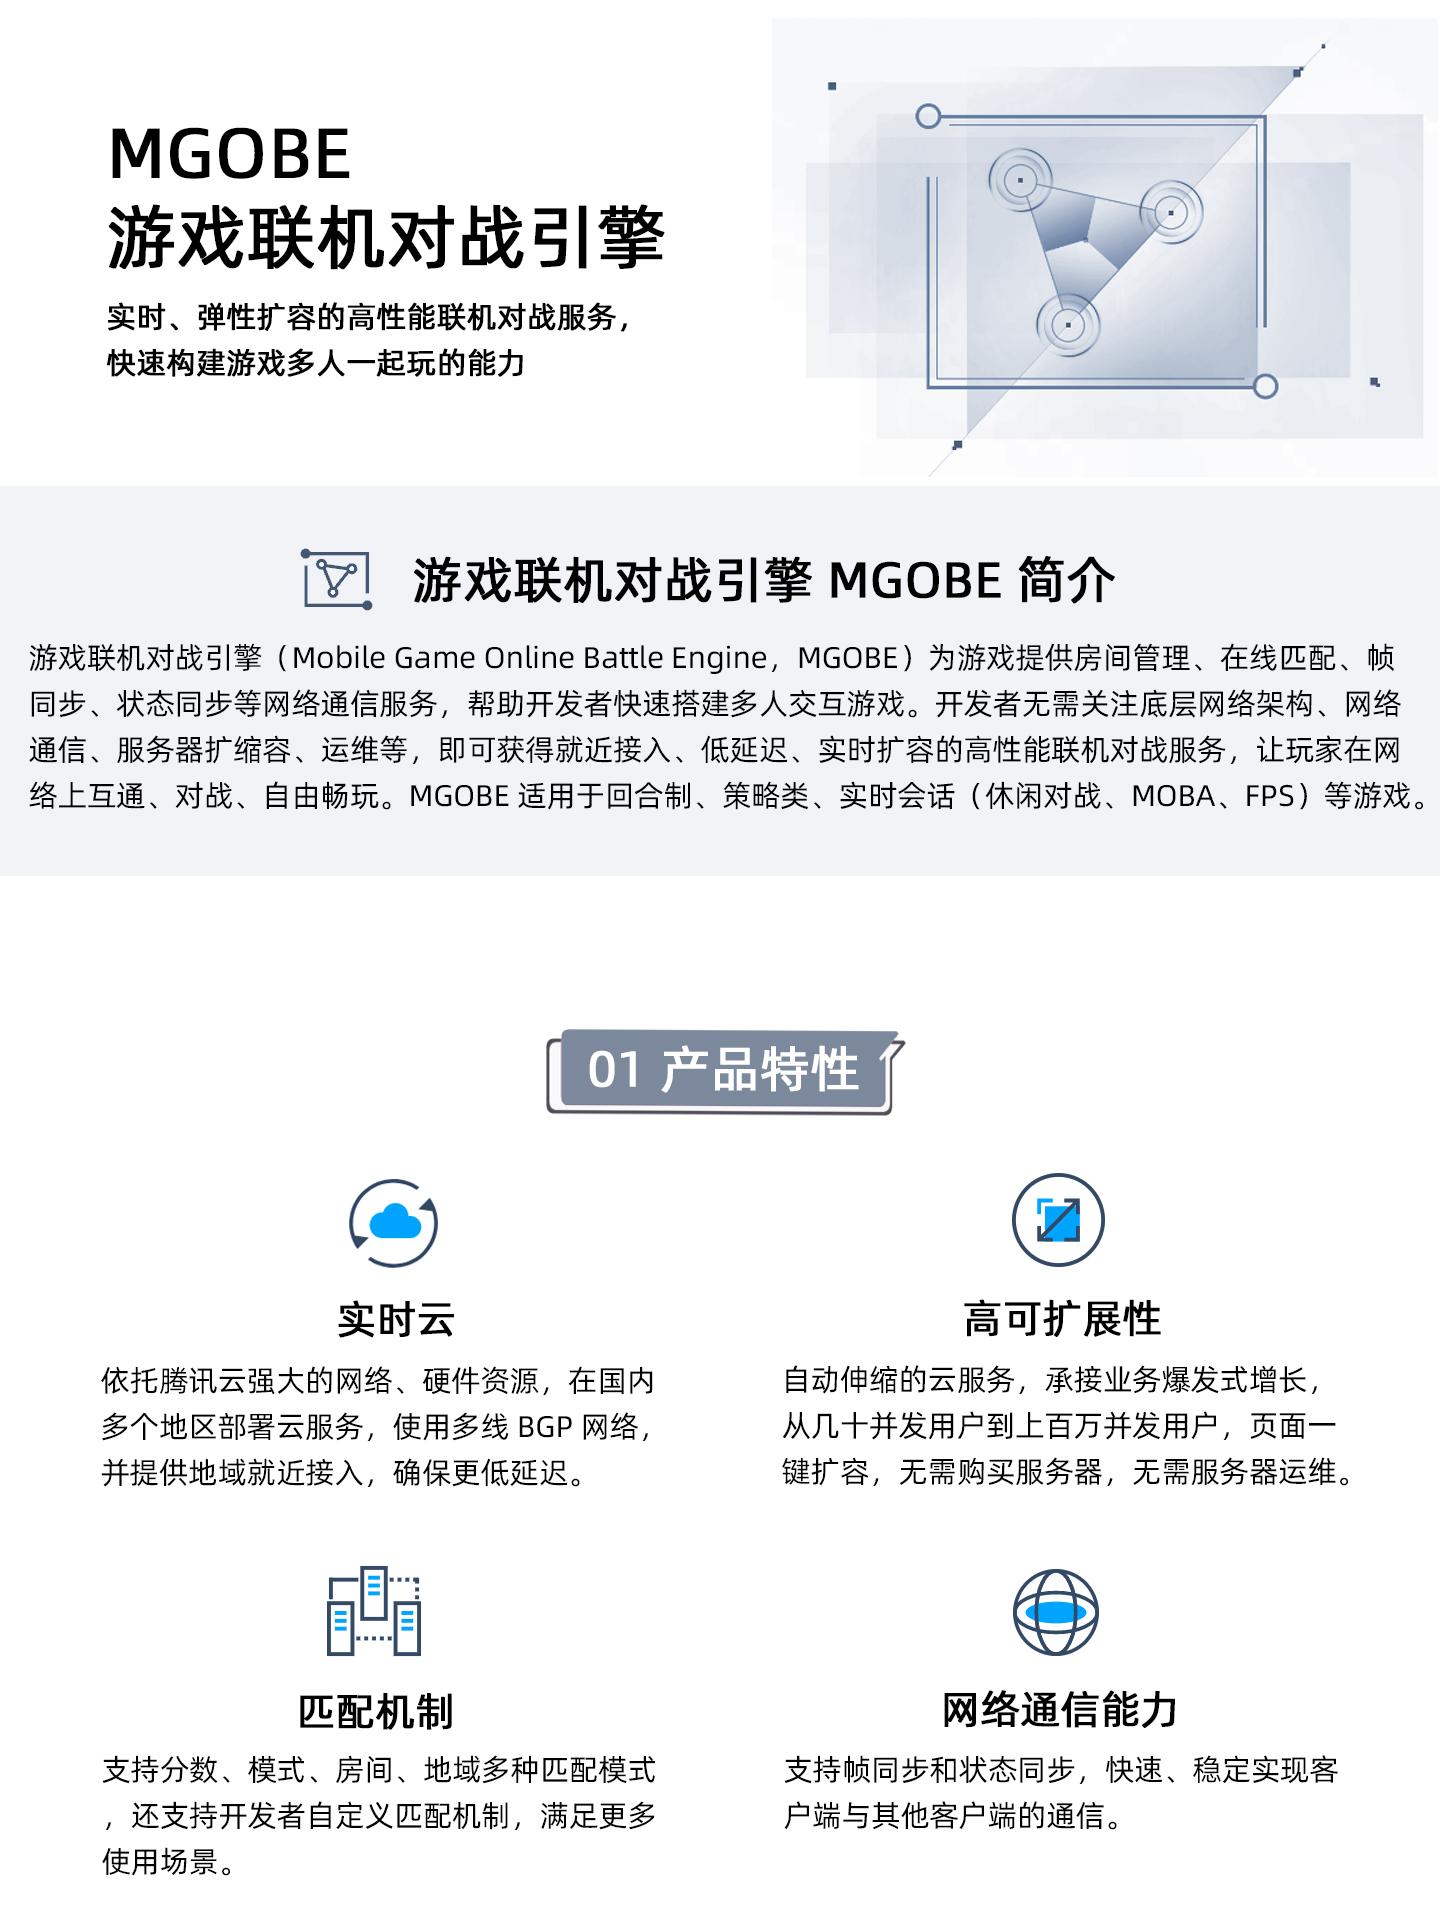 游戏联机对战引擎-MGOBE-1440_01.jpg